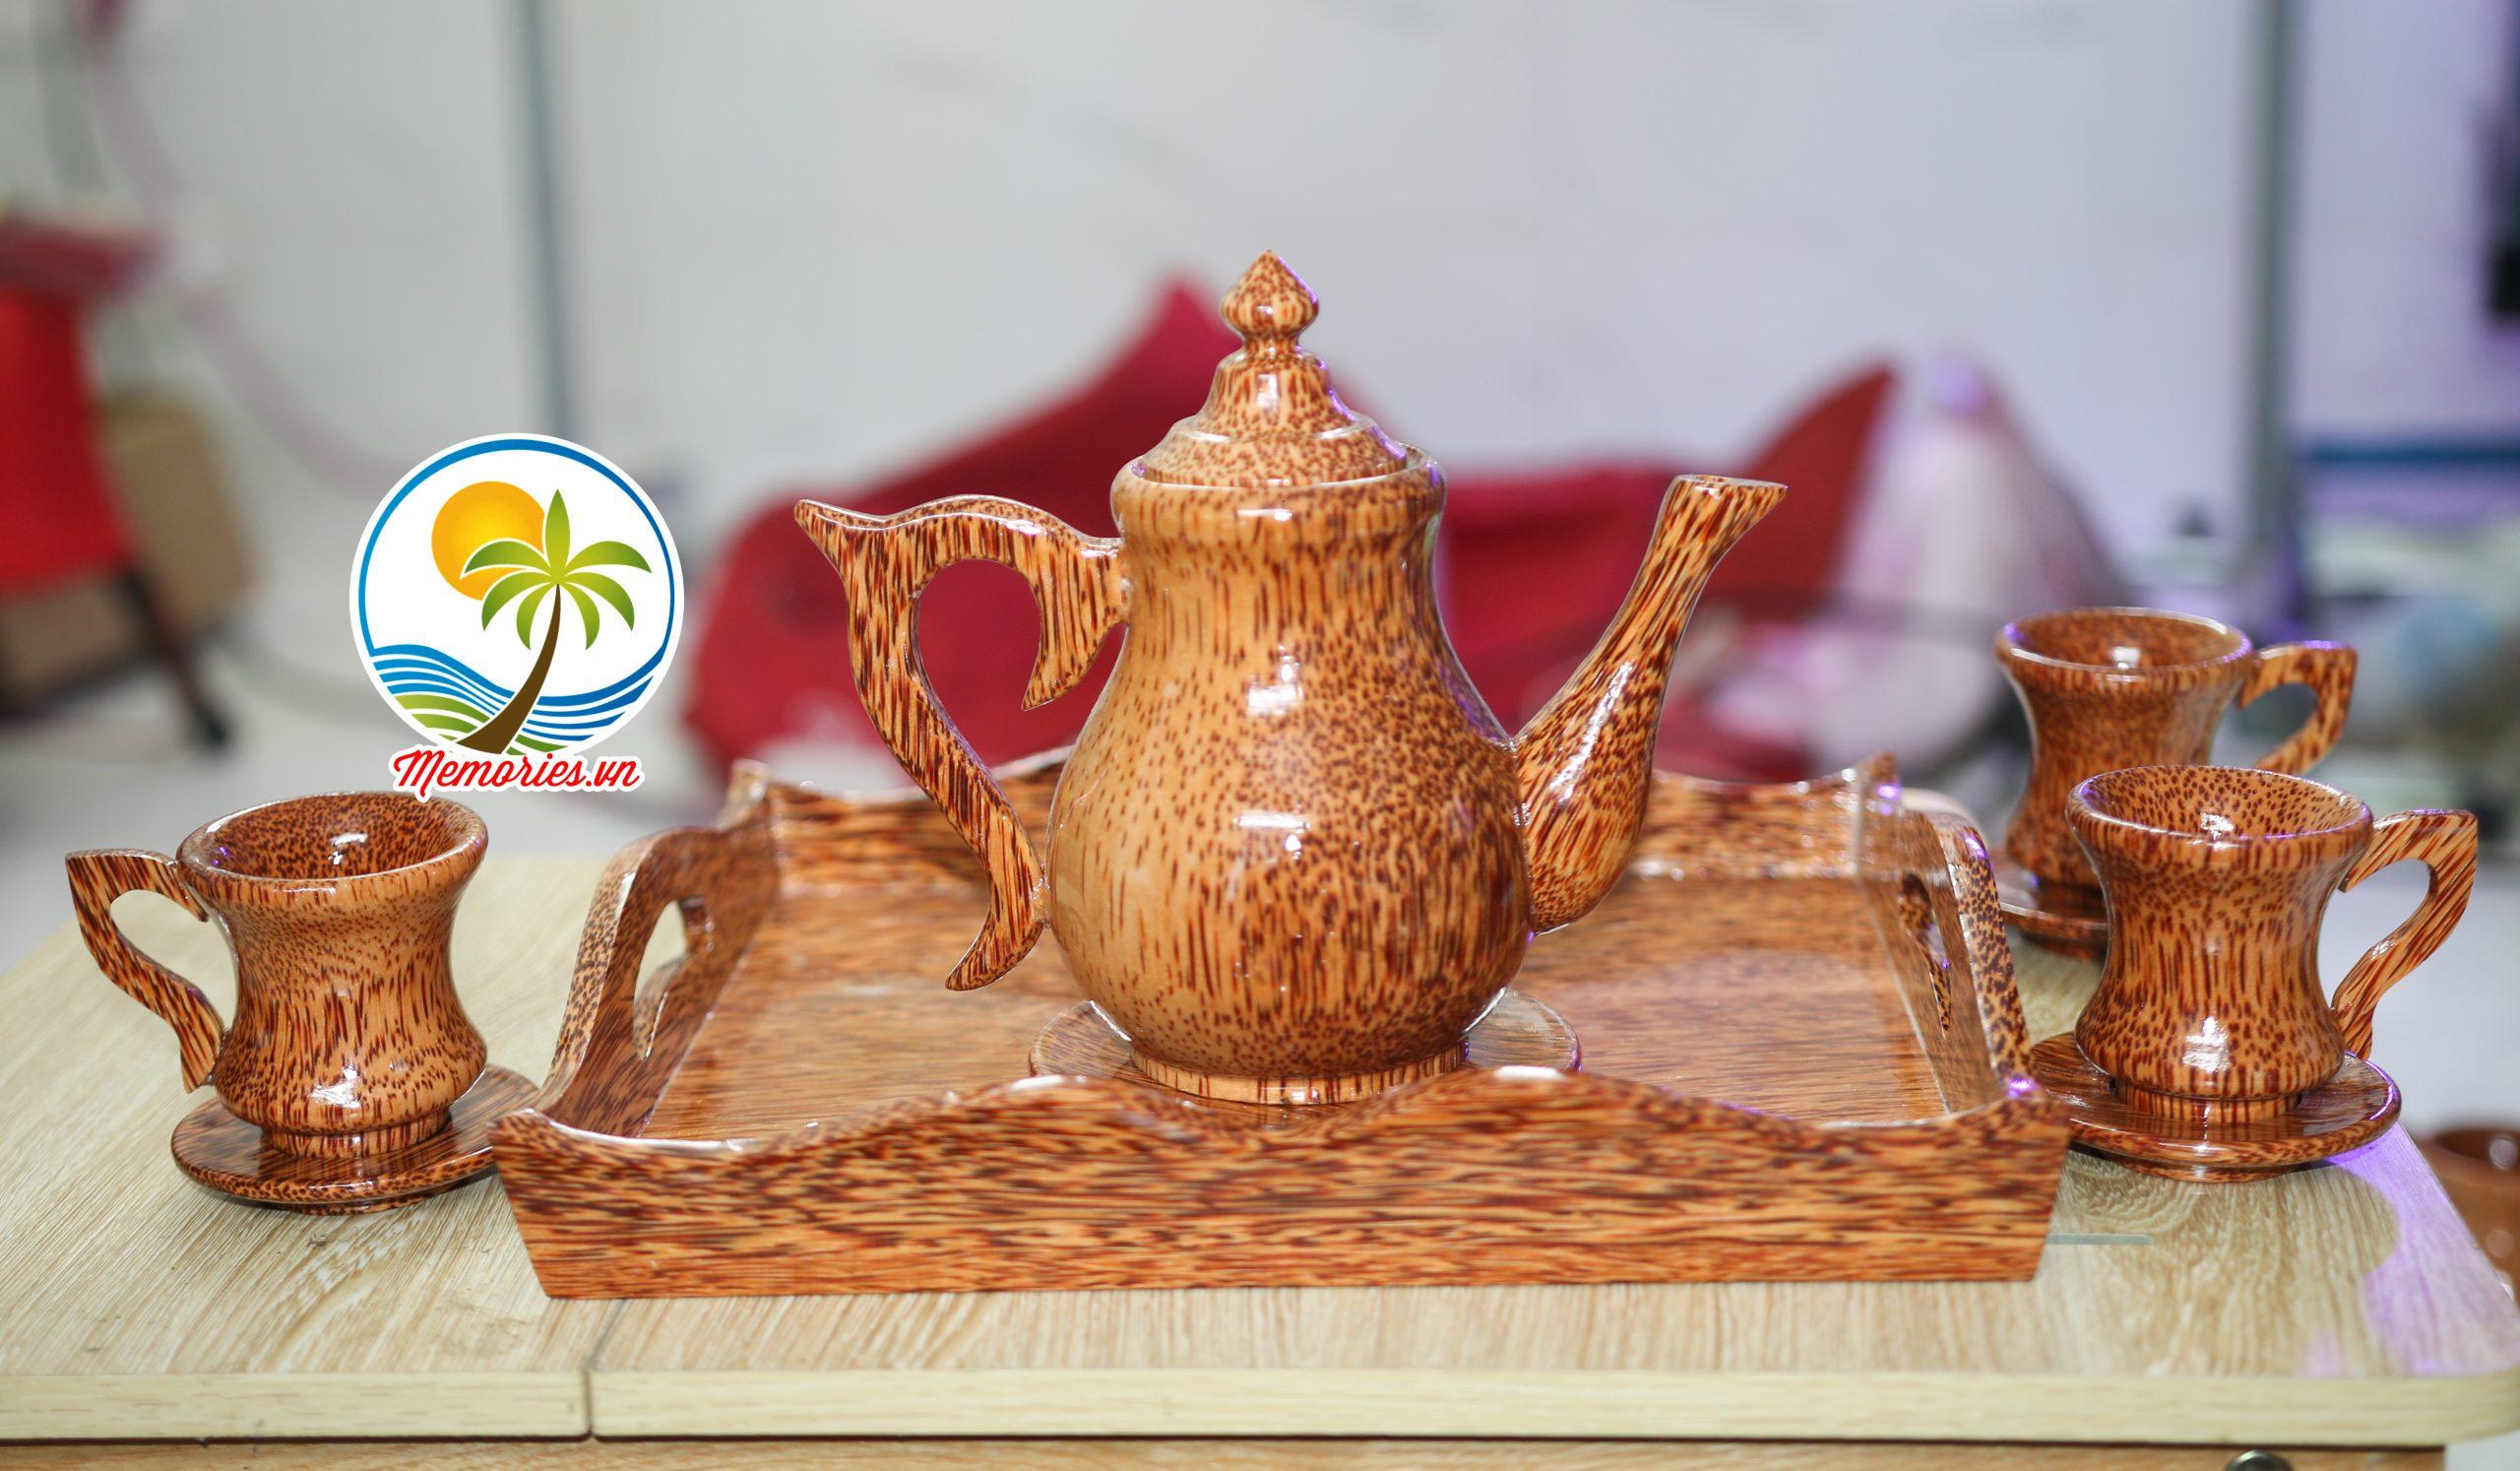 Bộ Bình Trà Cổ Cao Bằng Gỗ Dừa - Gồm ấm trà, đĩa lót, ly tách, khay đựng - Quà tặng handmade, thủ công mỹ nghệ